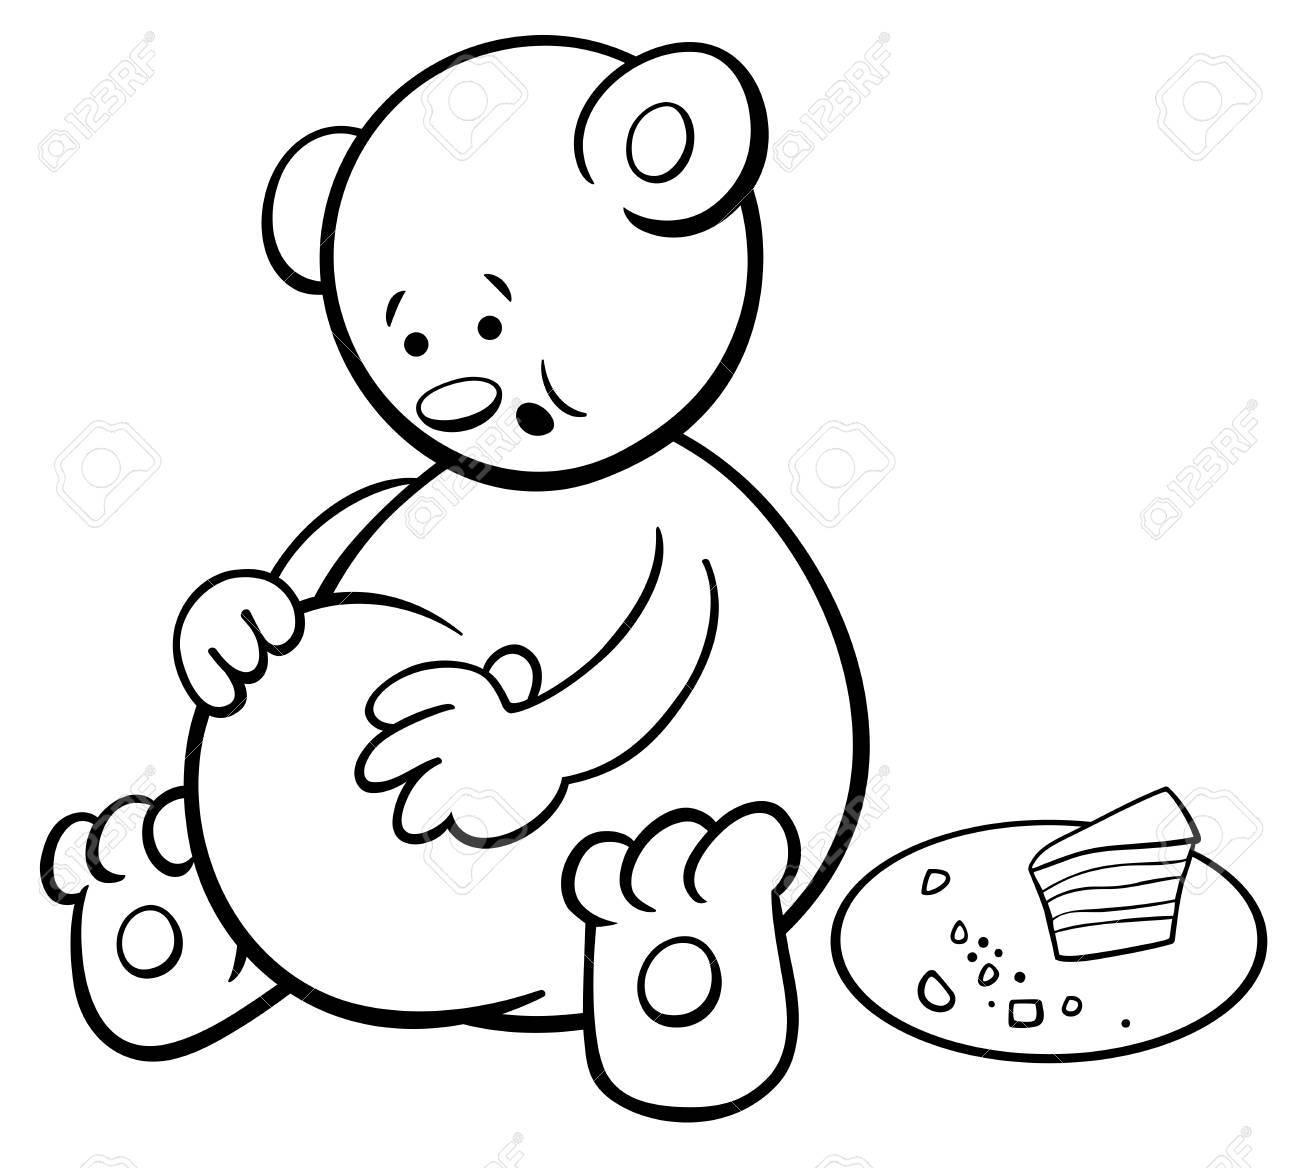 Schwarz-Weiß-Cartoon-Illustration Von Little Bear Tier-Zeichen ...